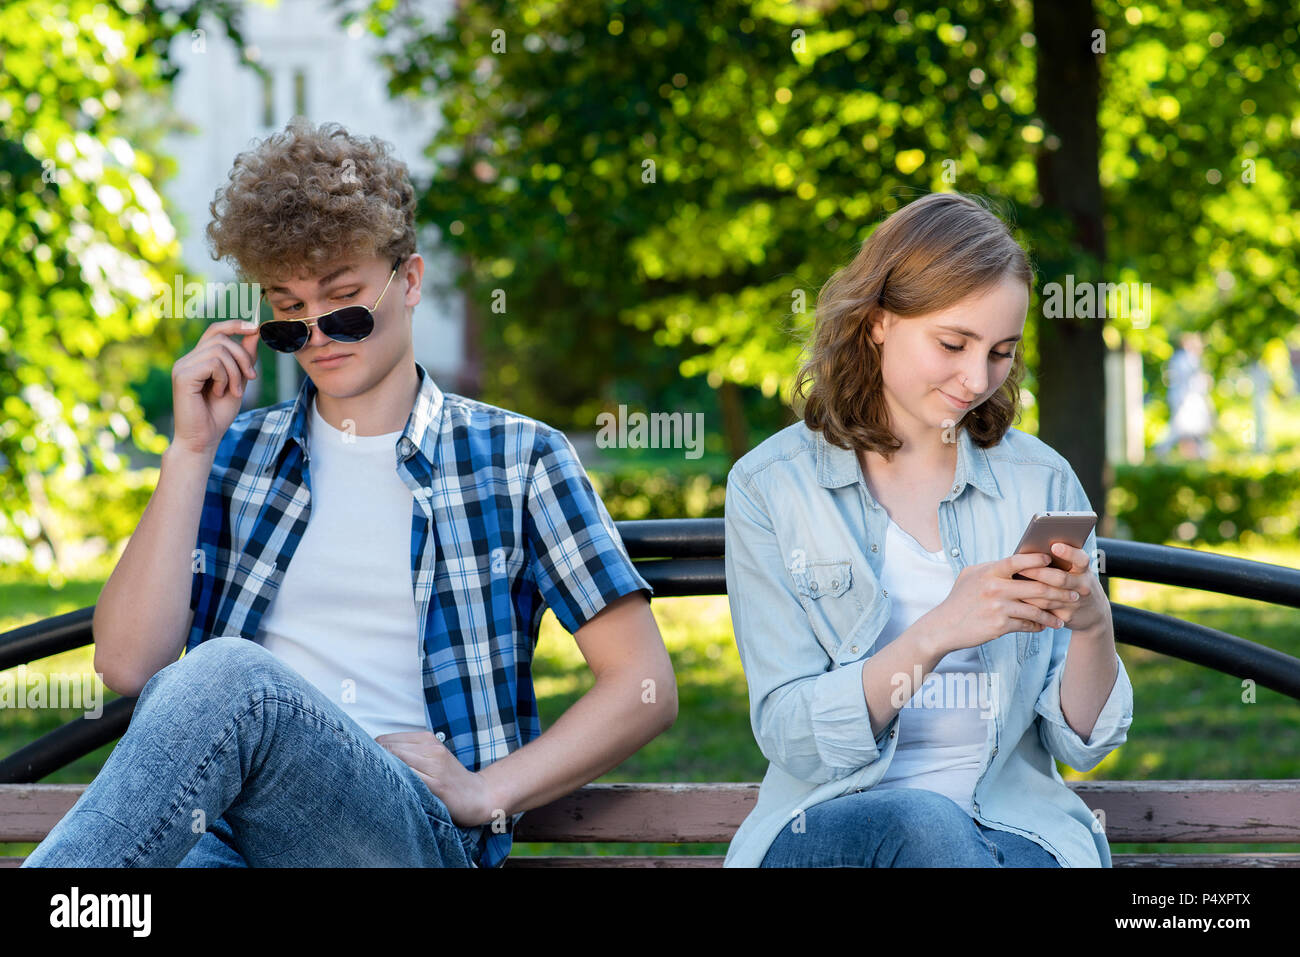 Ehemann flirtet mit anderen frauen